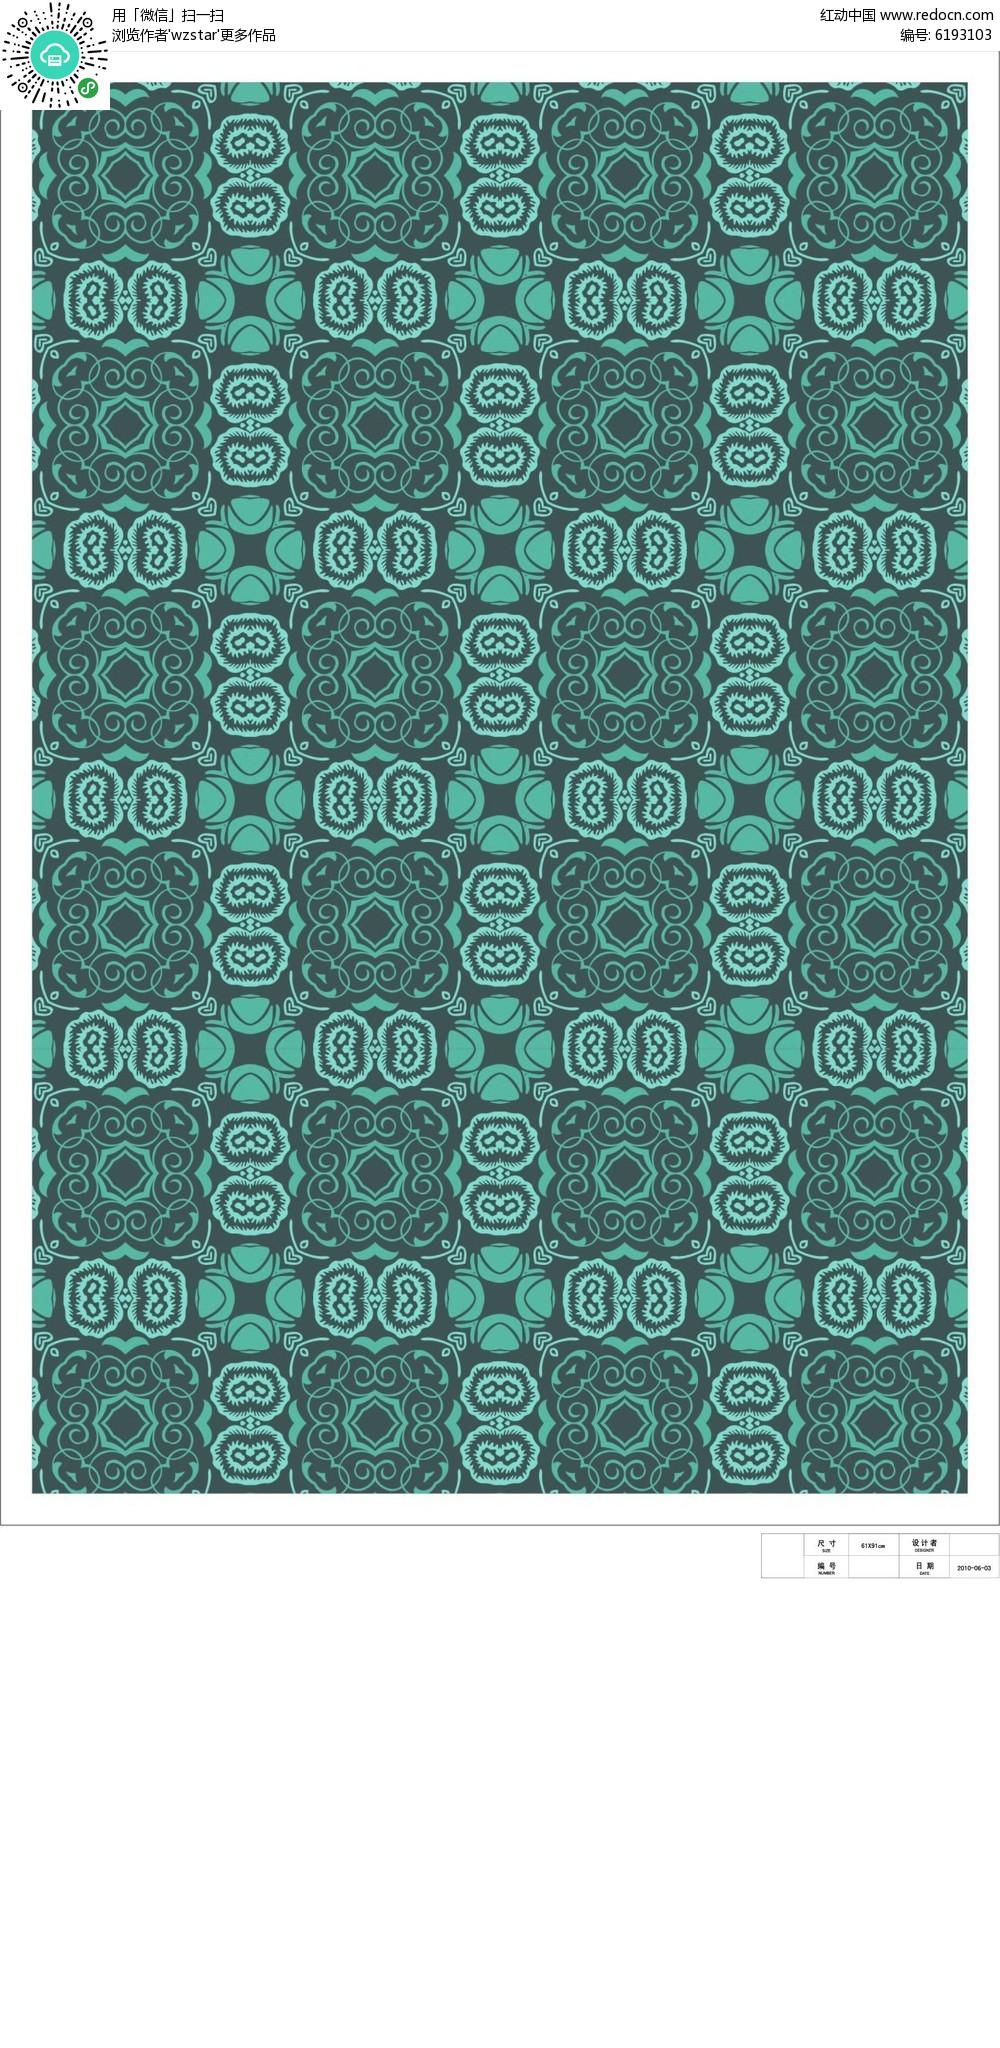 墨绿色花纹背景设计